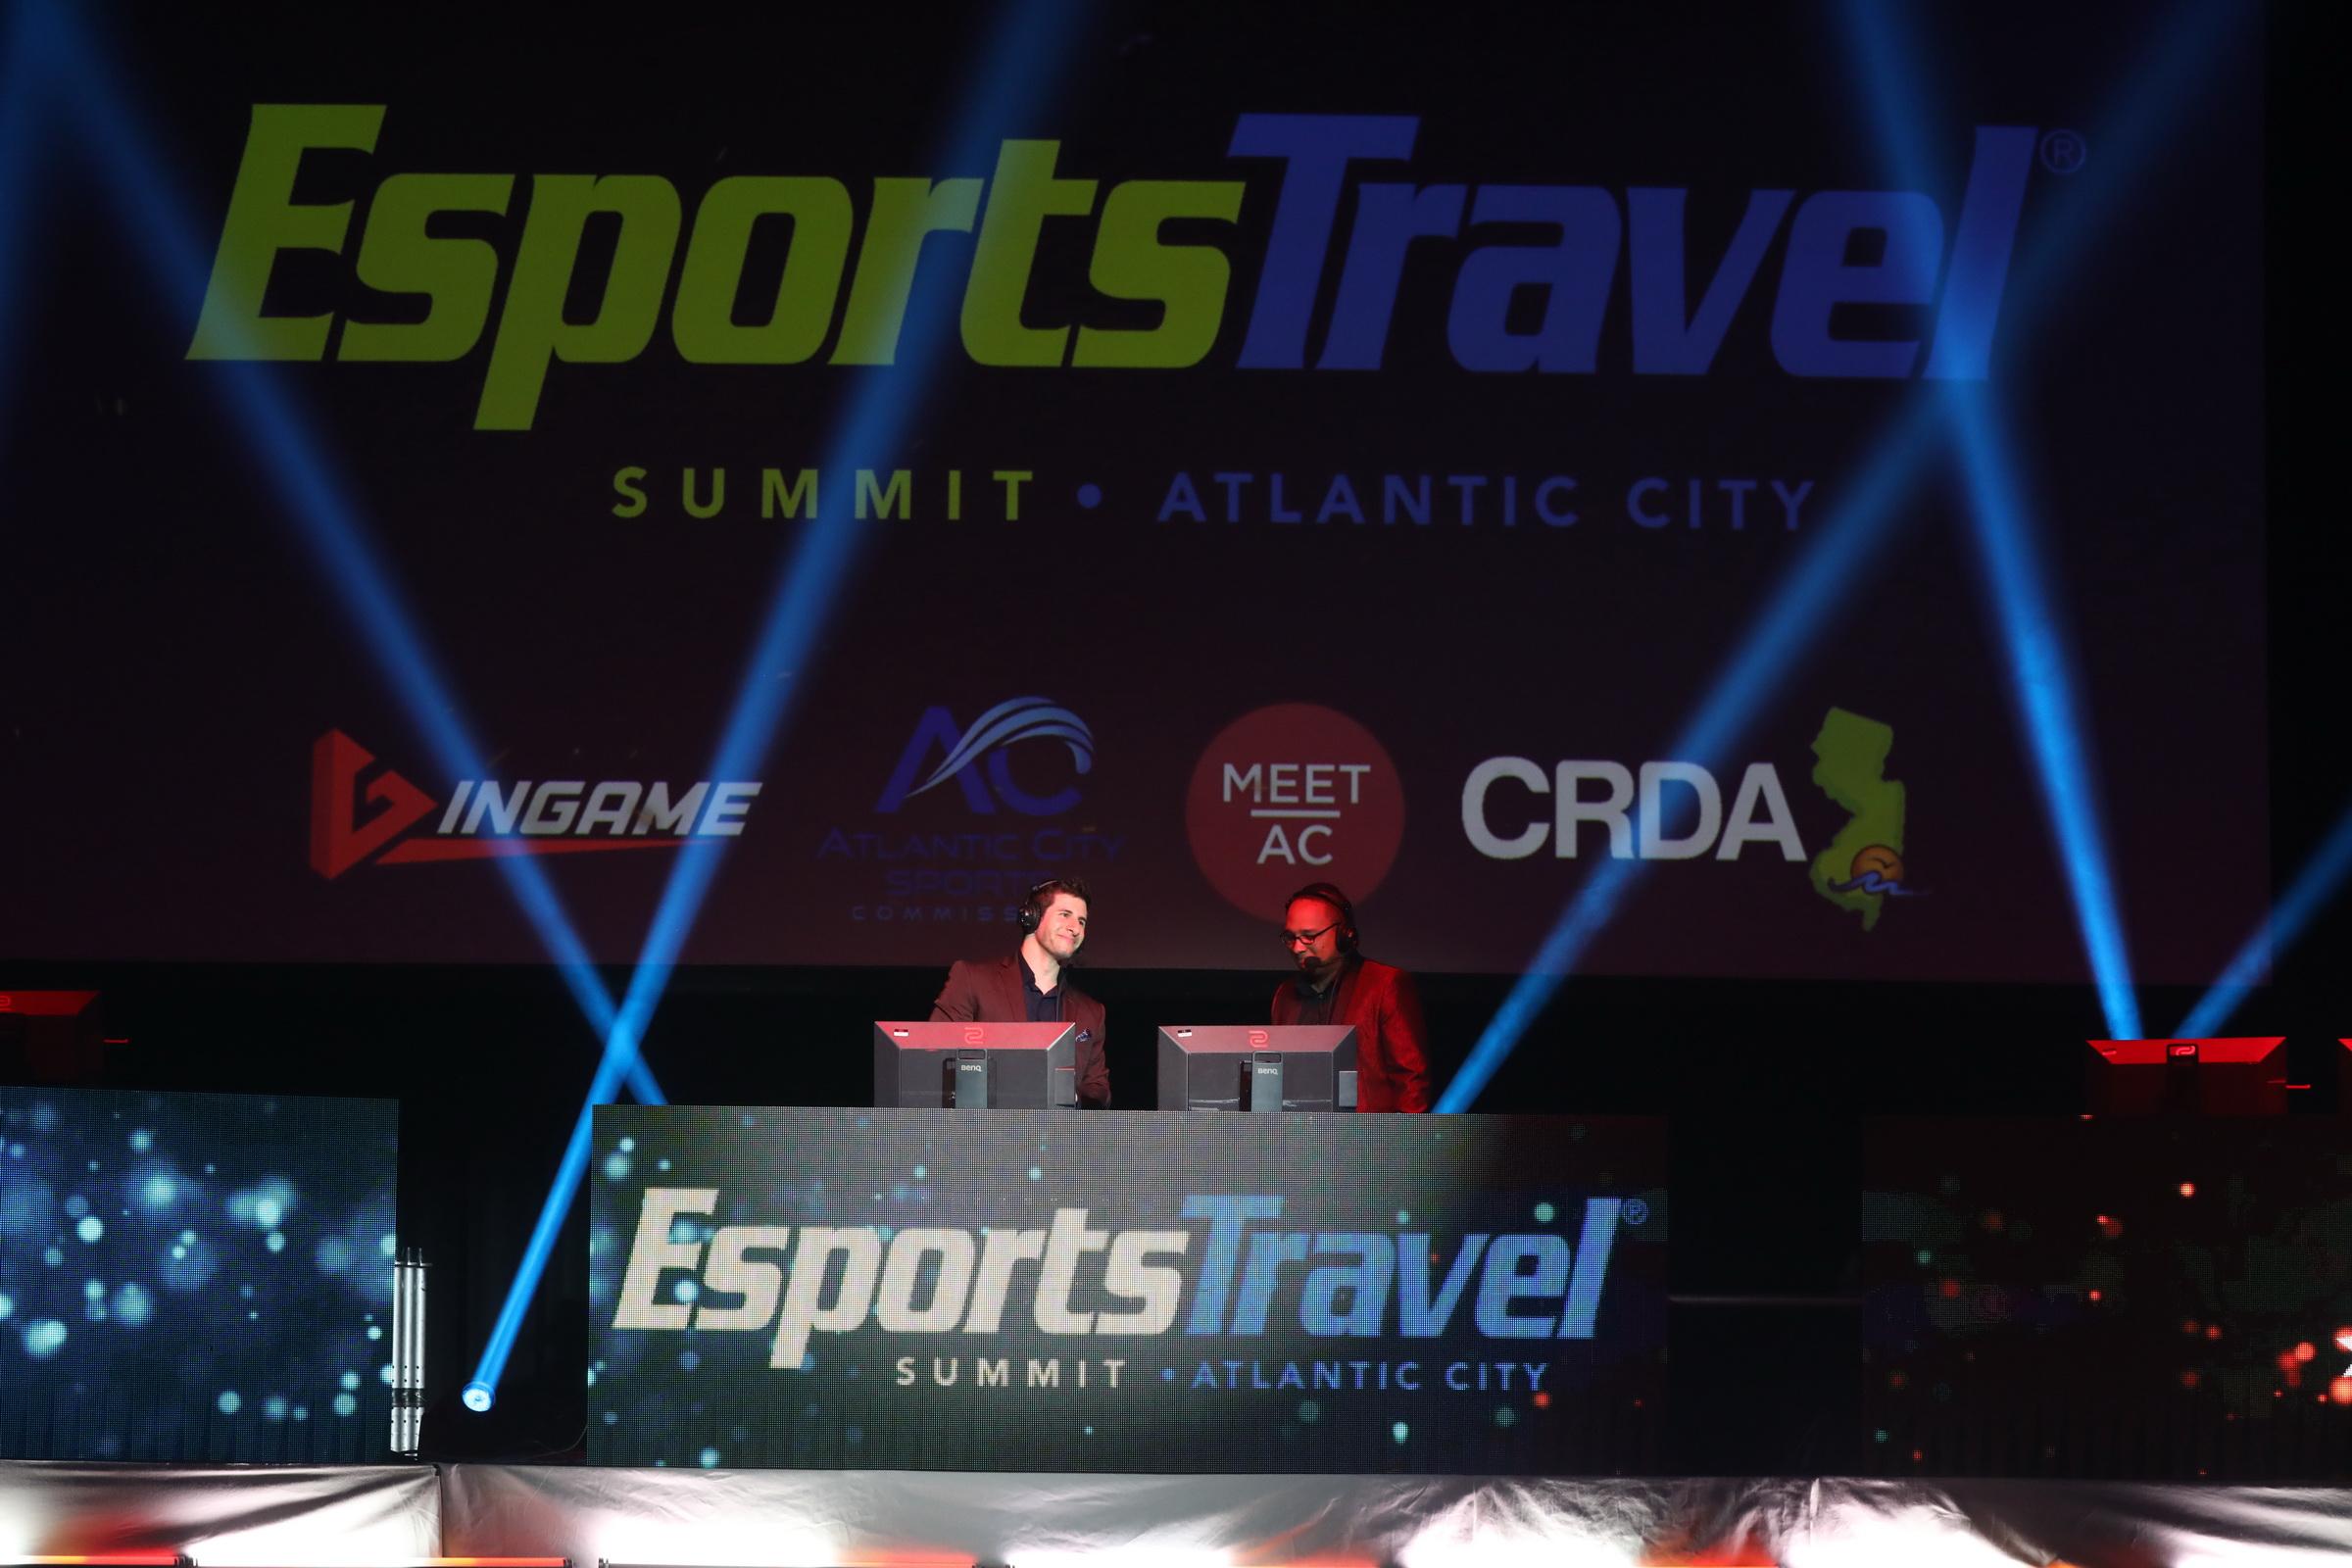 EsportsTravel Summit